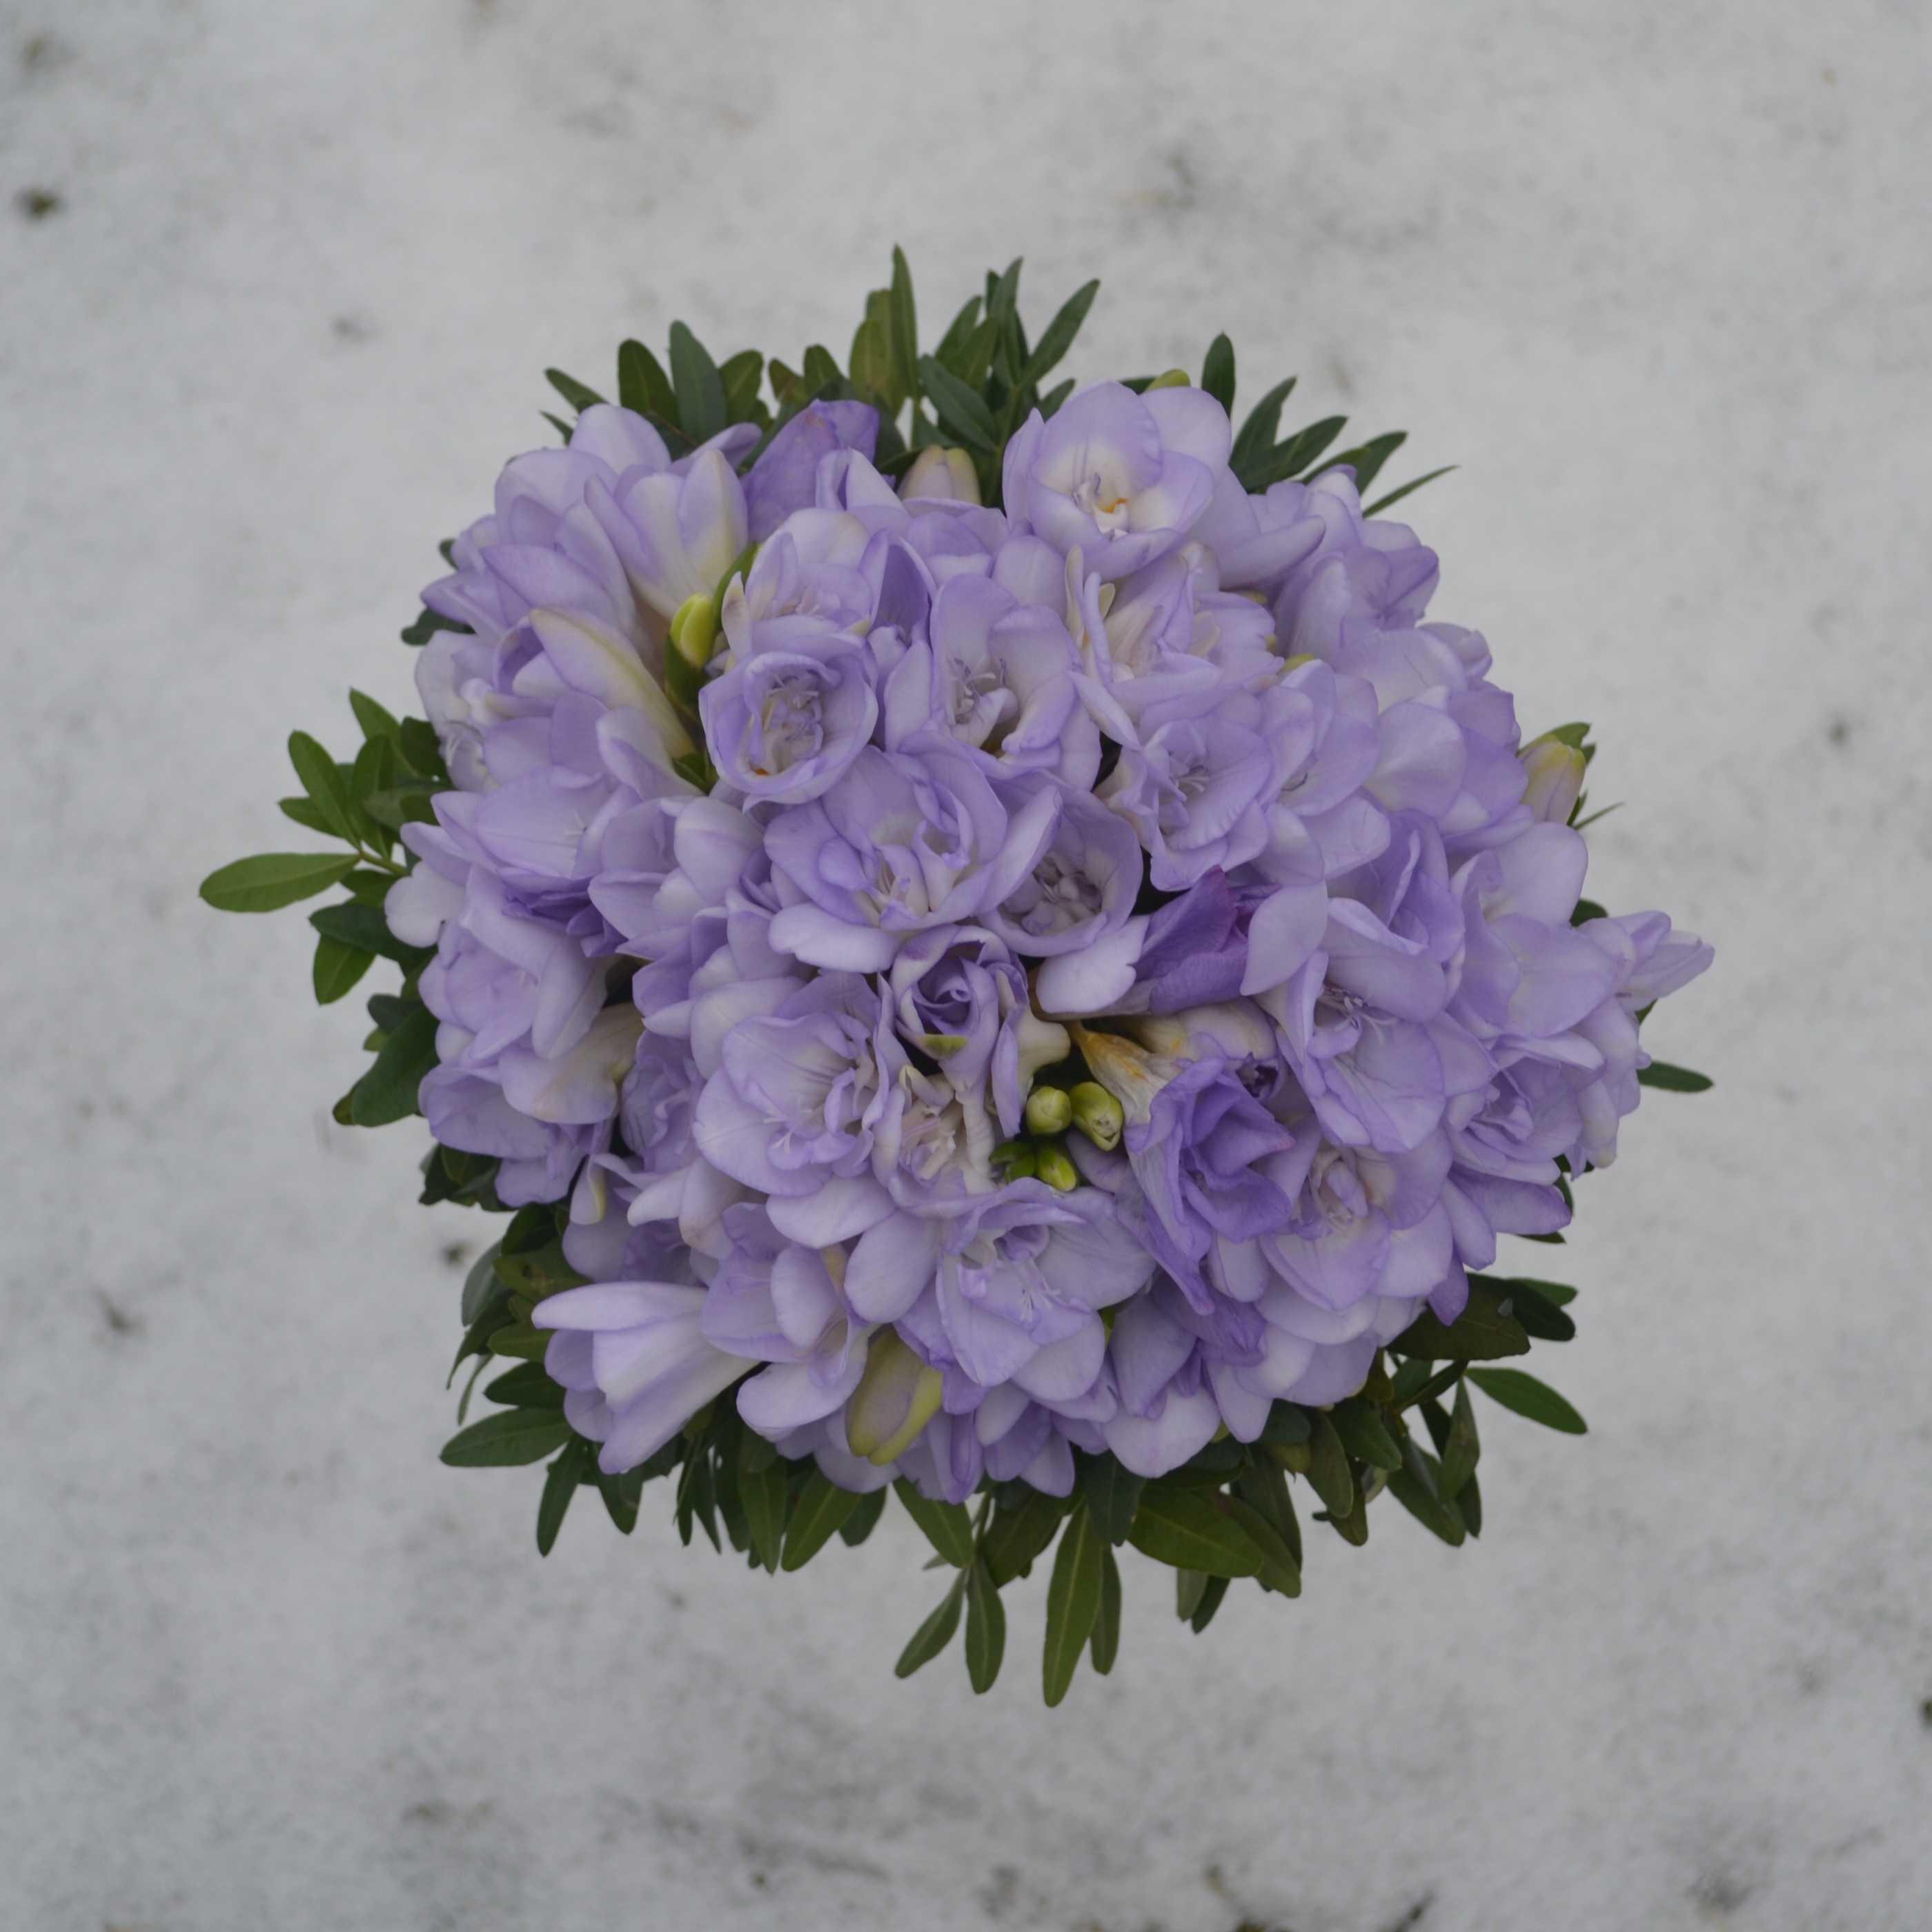 svatební kytice z frézií a voňavého eukaliptu